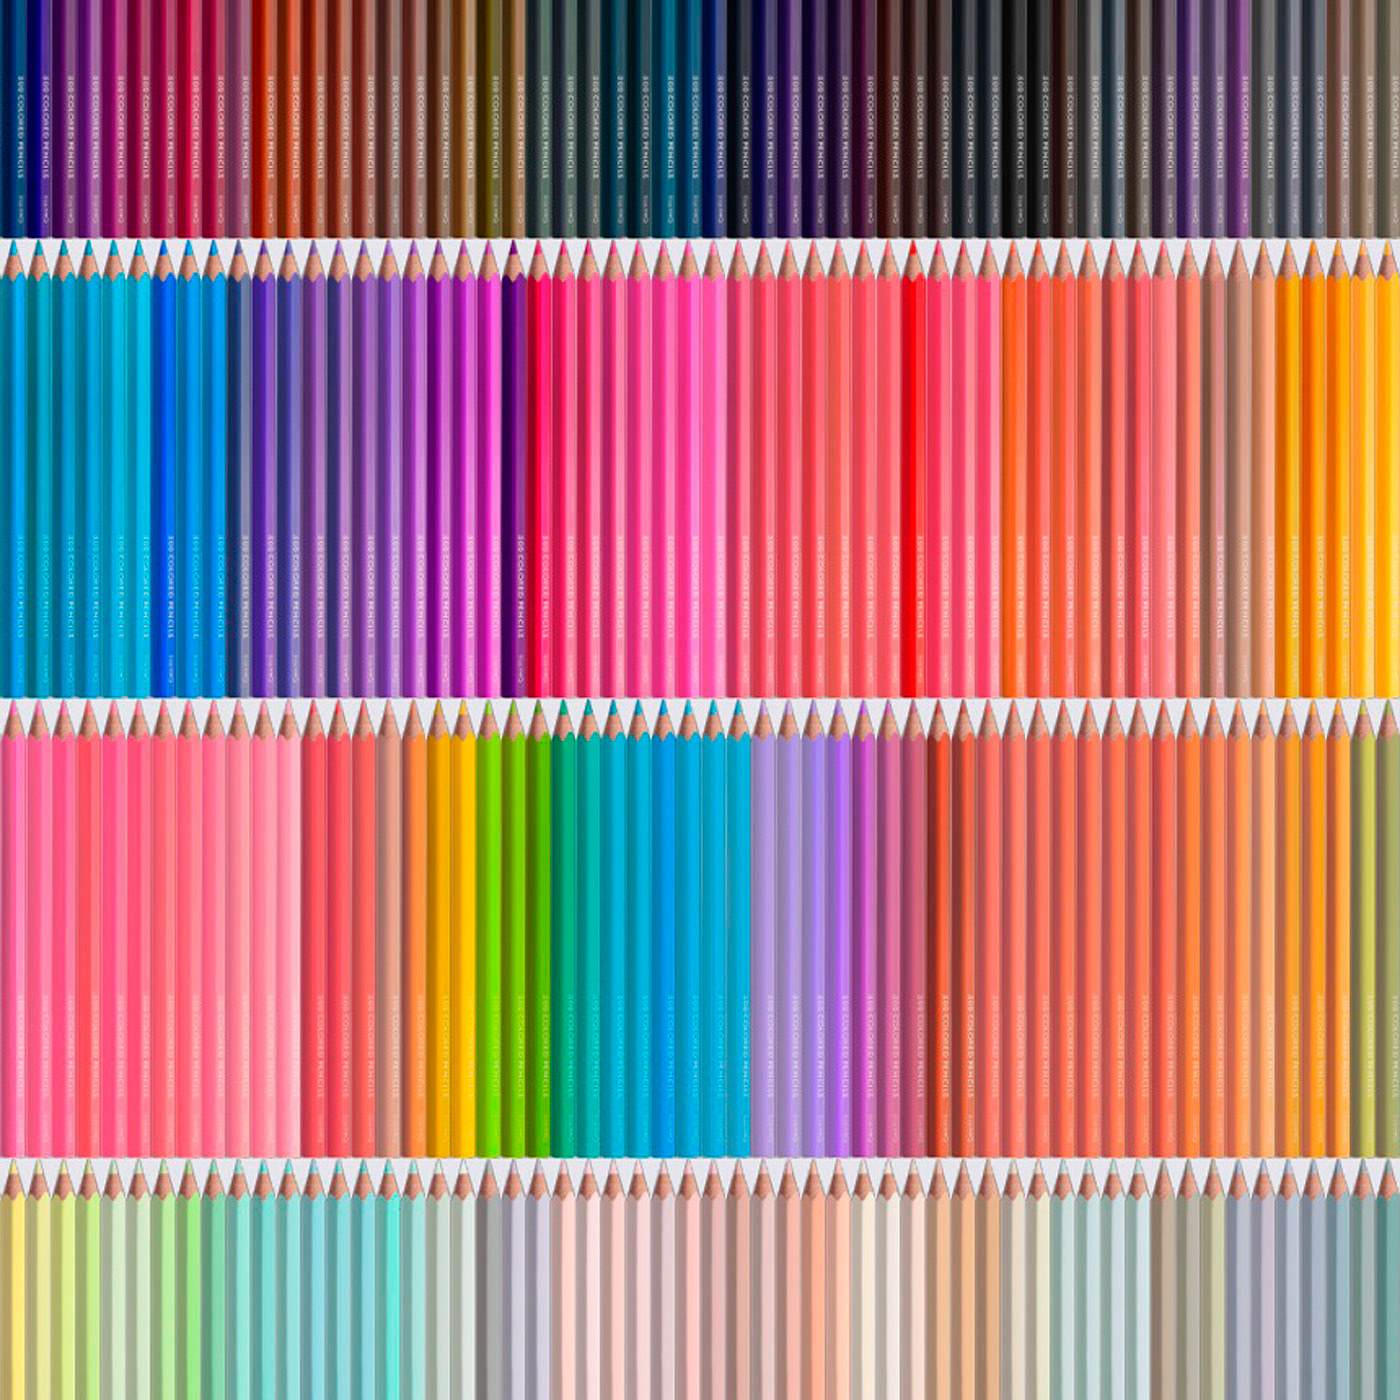 500もの色の違いや微妙なグラデーションを繊細に表現しています。蛍光色やメタリックカラーなど表現の幅が広がる珍しい色も。